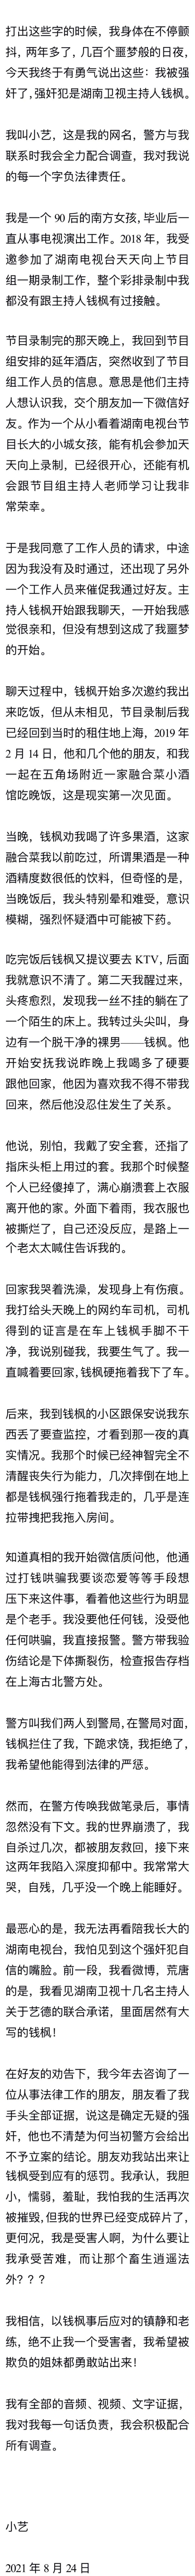 主持人钱枫被举报涉嫌性侵,曾自曝爱情观:享受单身生活